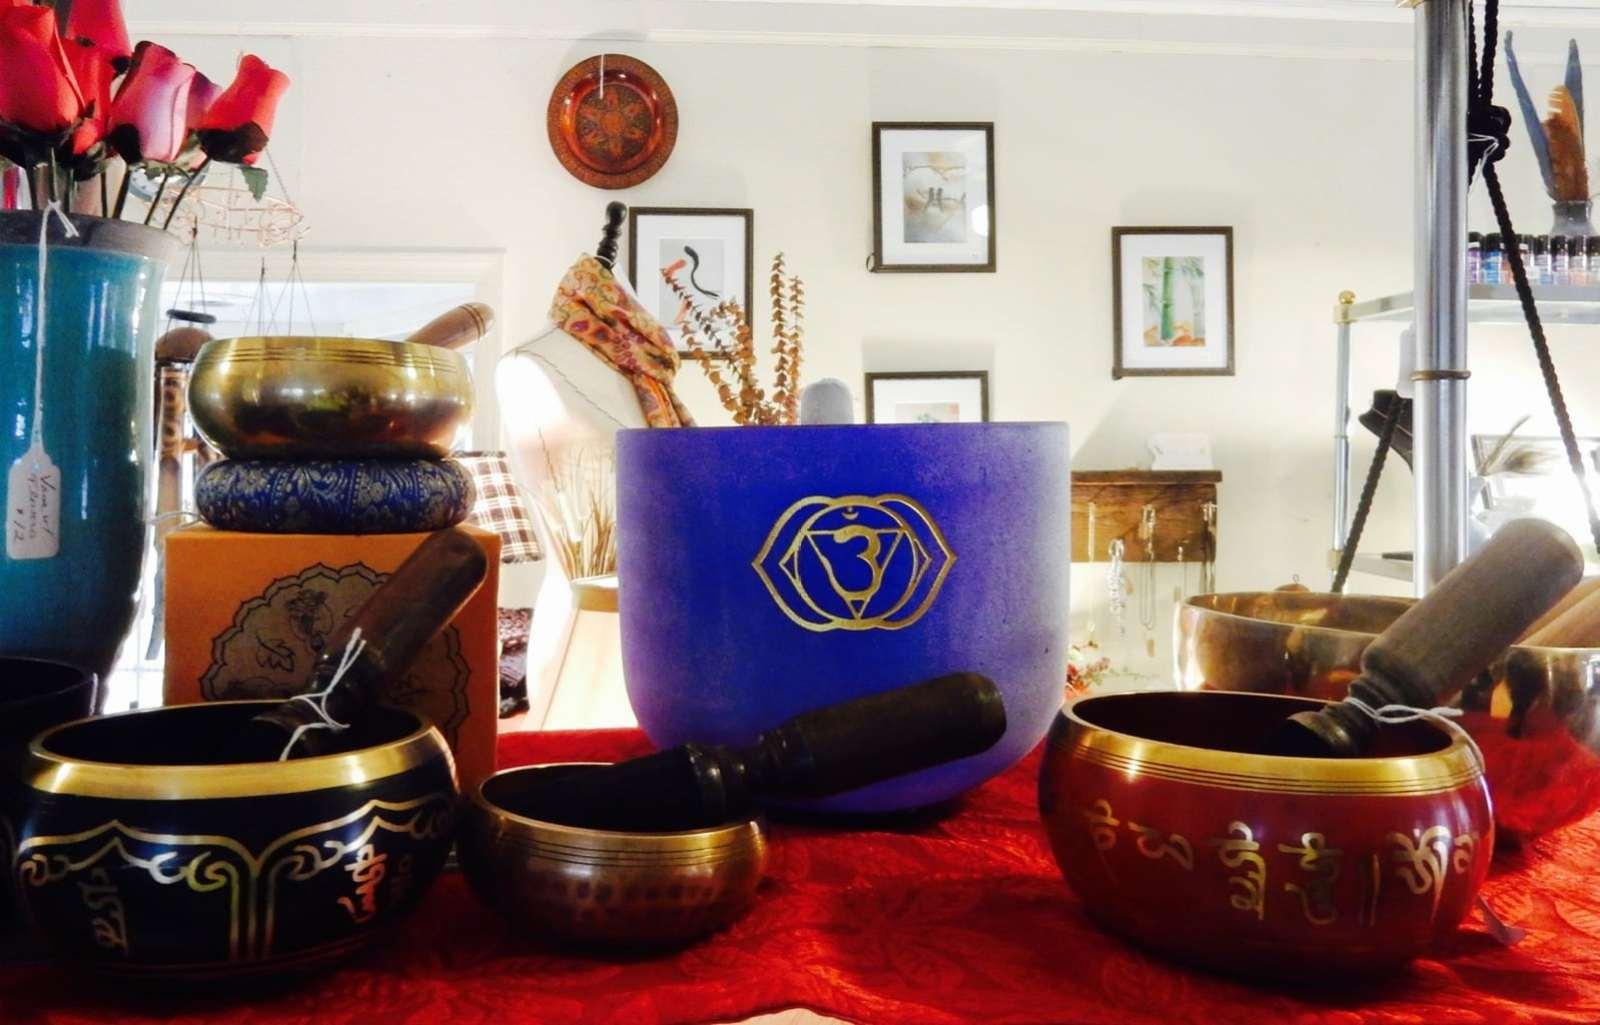 Healing Bowls, Healing Spirit Cafe St. Peter's Village PA